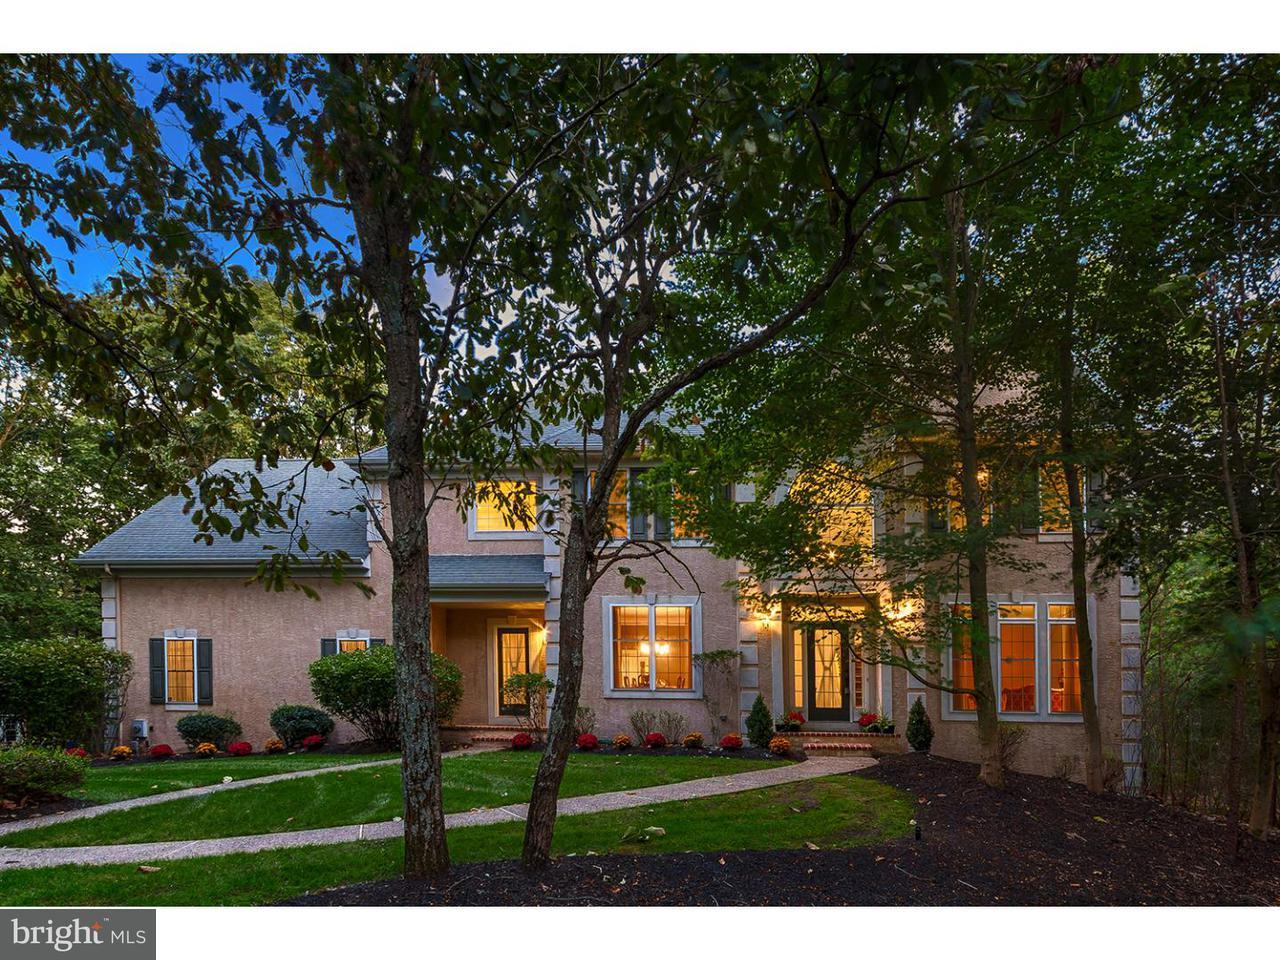 Μονοκατοικία για την Πώληση στο 17 THOMAS EAKINS WAY Marlton, Νιου Τζερσεϋ 08053 Ηνωμενεσ Πολιτειεσ